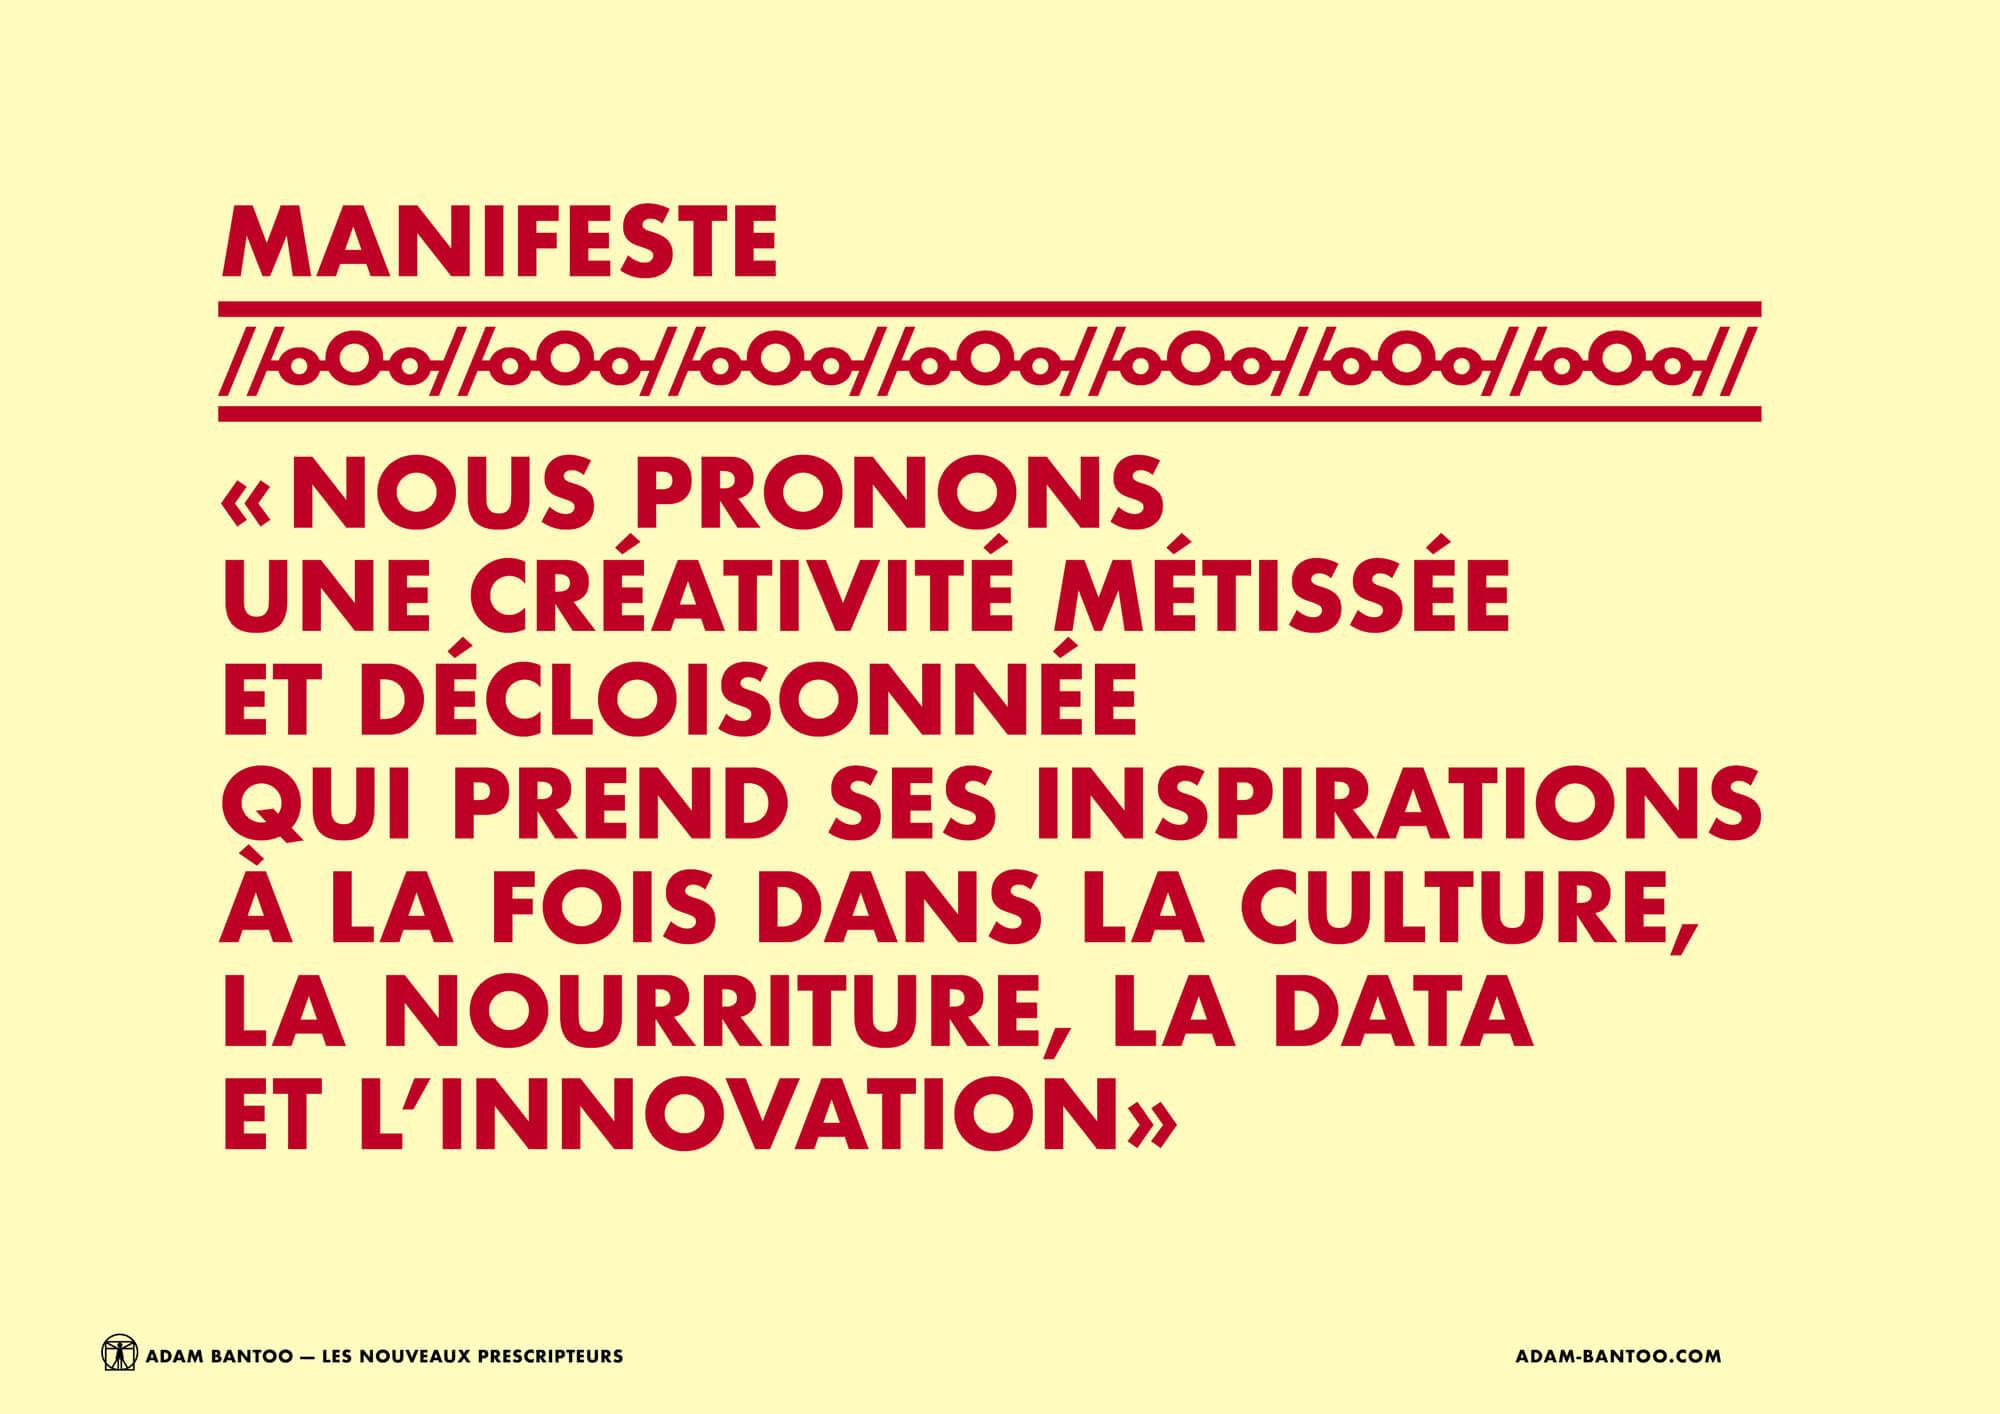 Le manifeste de l'agence en conseil et stratégie Adam Bantoo qui prône une créativité métissée, design Ich&Kar